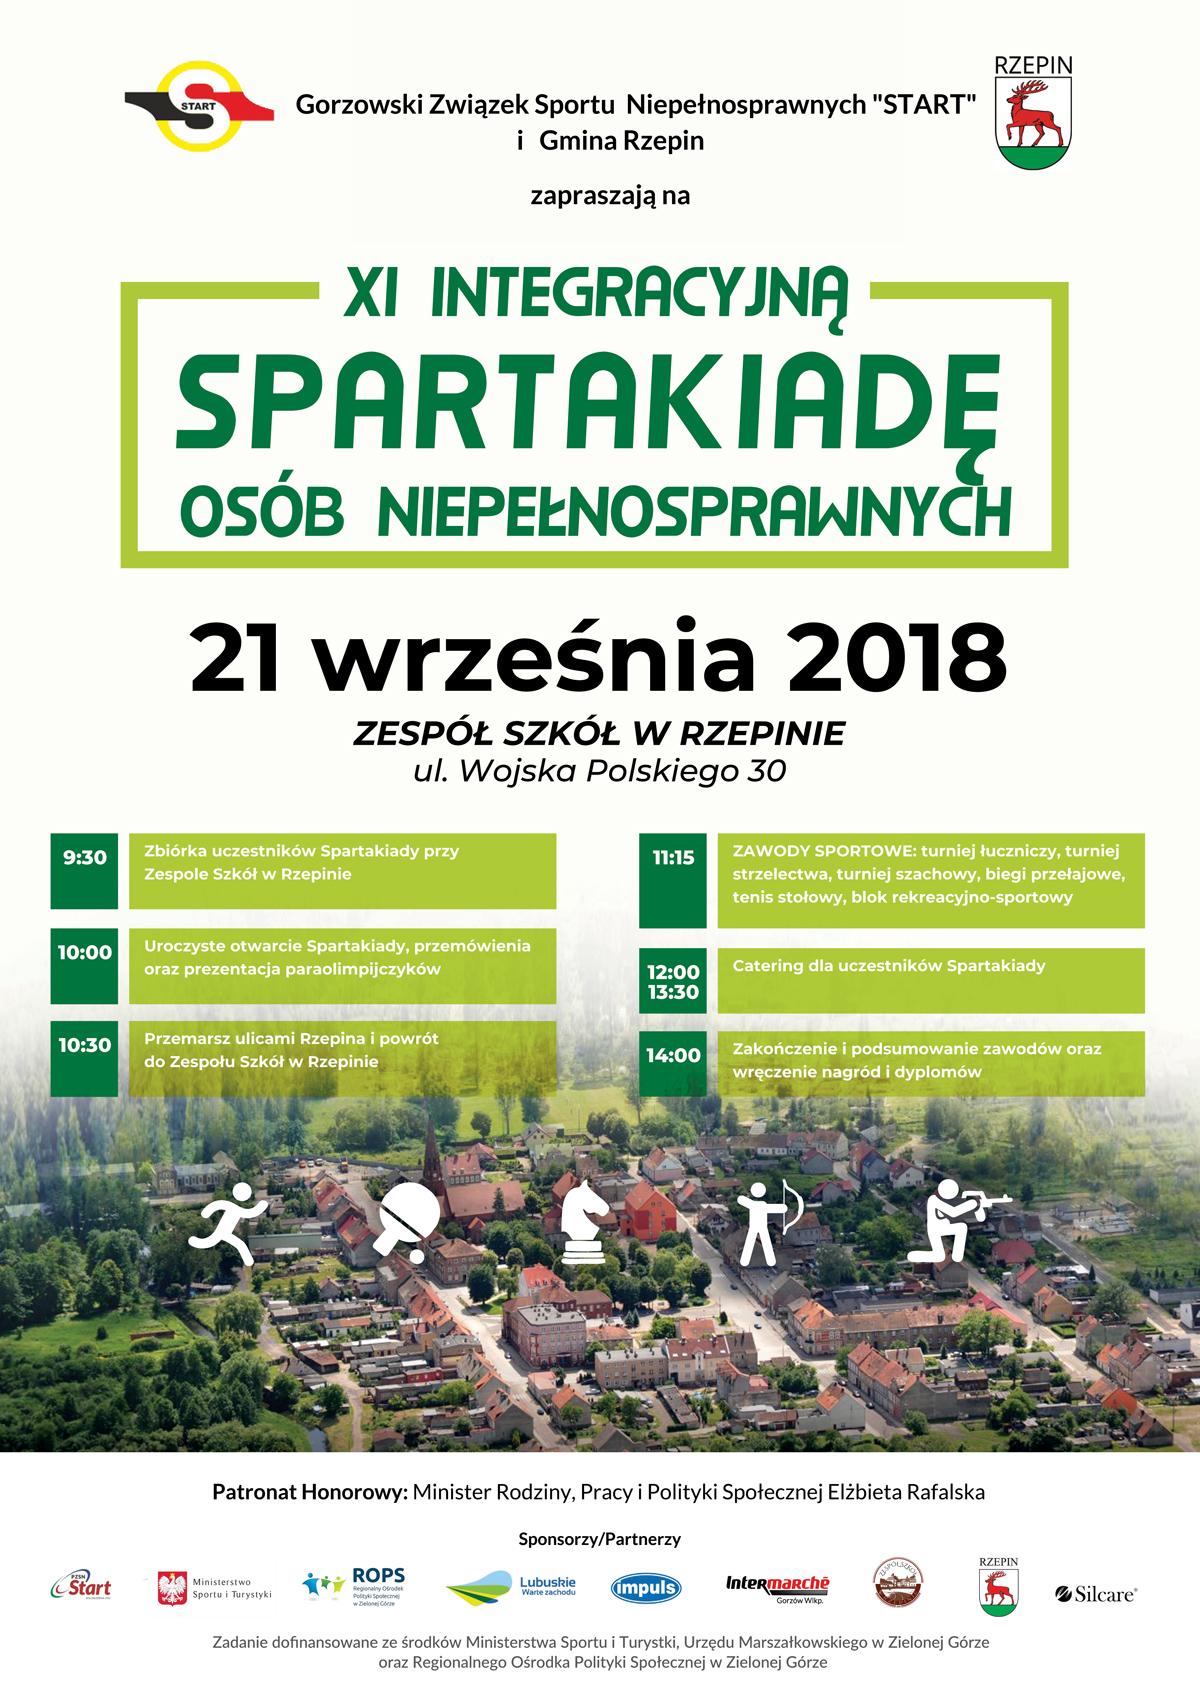 Ilustracja do informacji: Zapraszamy na XI Integracyjną Spartakiadę Osób Niepełnosprawnych w Rzepinie!